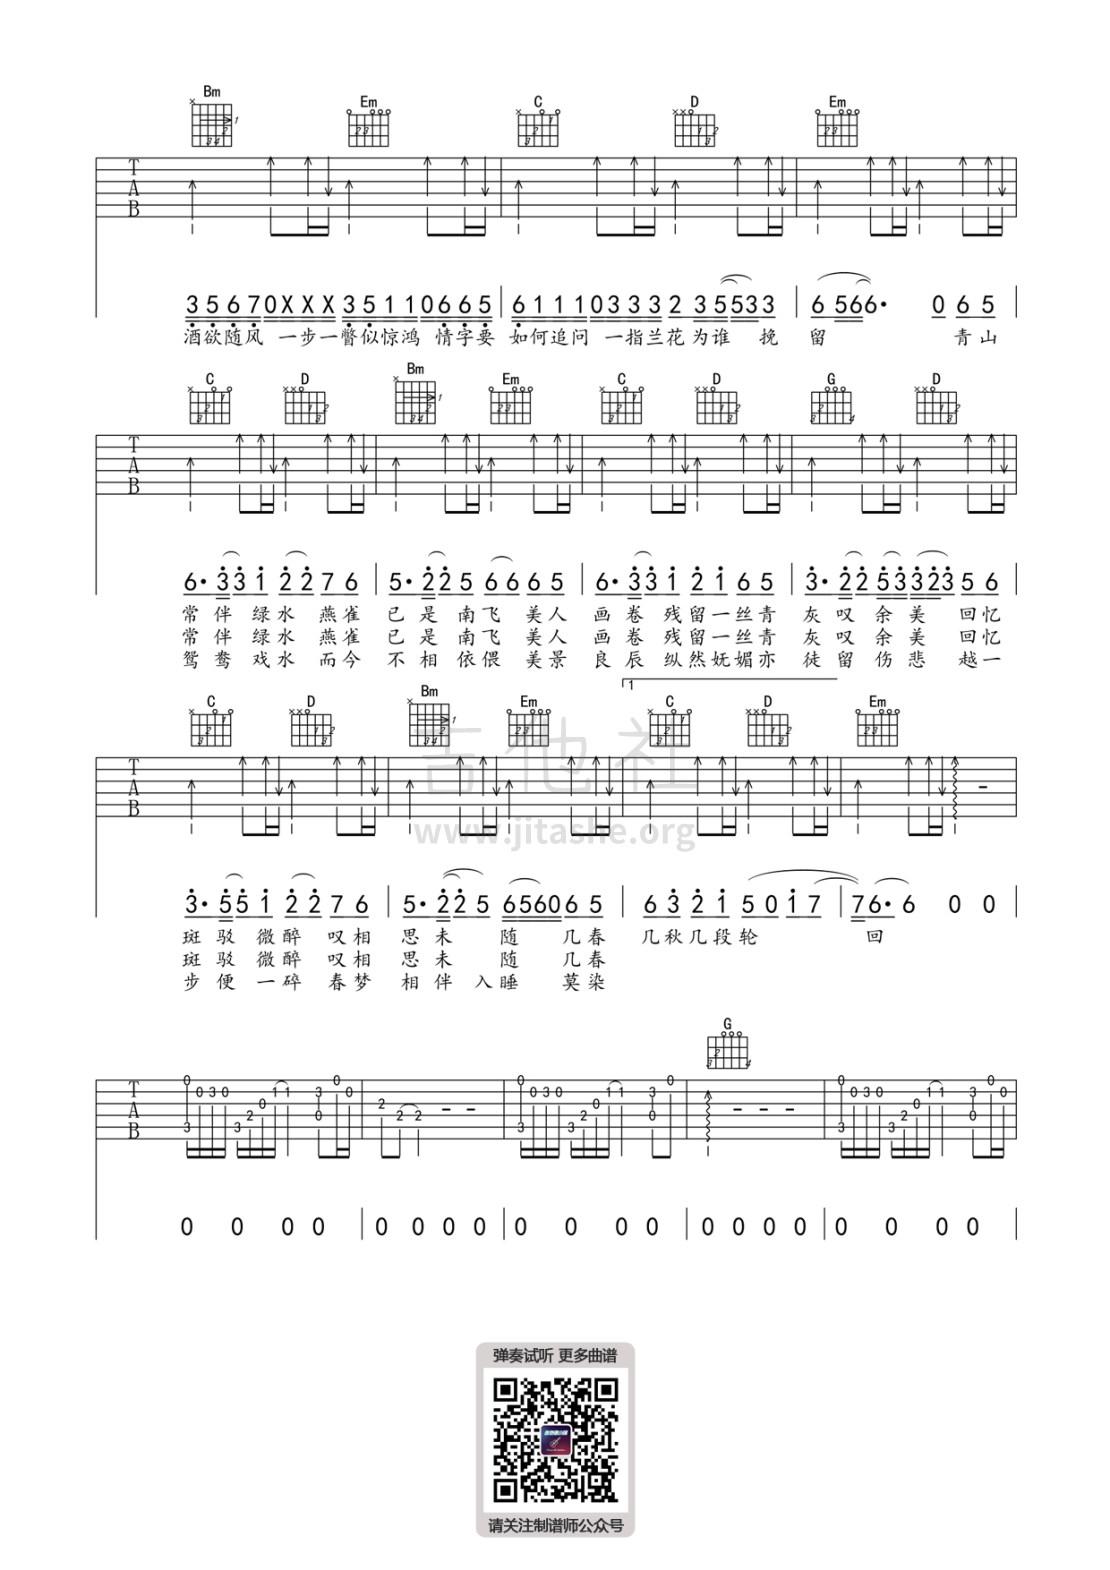 美人画卷(弹唱谱)吉他谱(图片谱,弹唱,简单版,伴奏)_闻人听書_美人画卷2.jpg